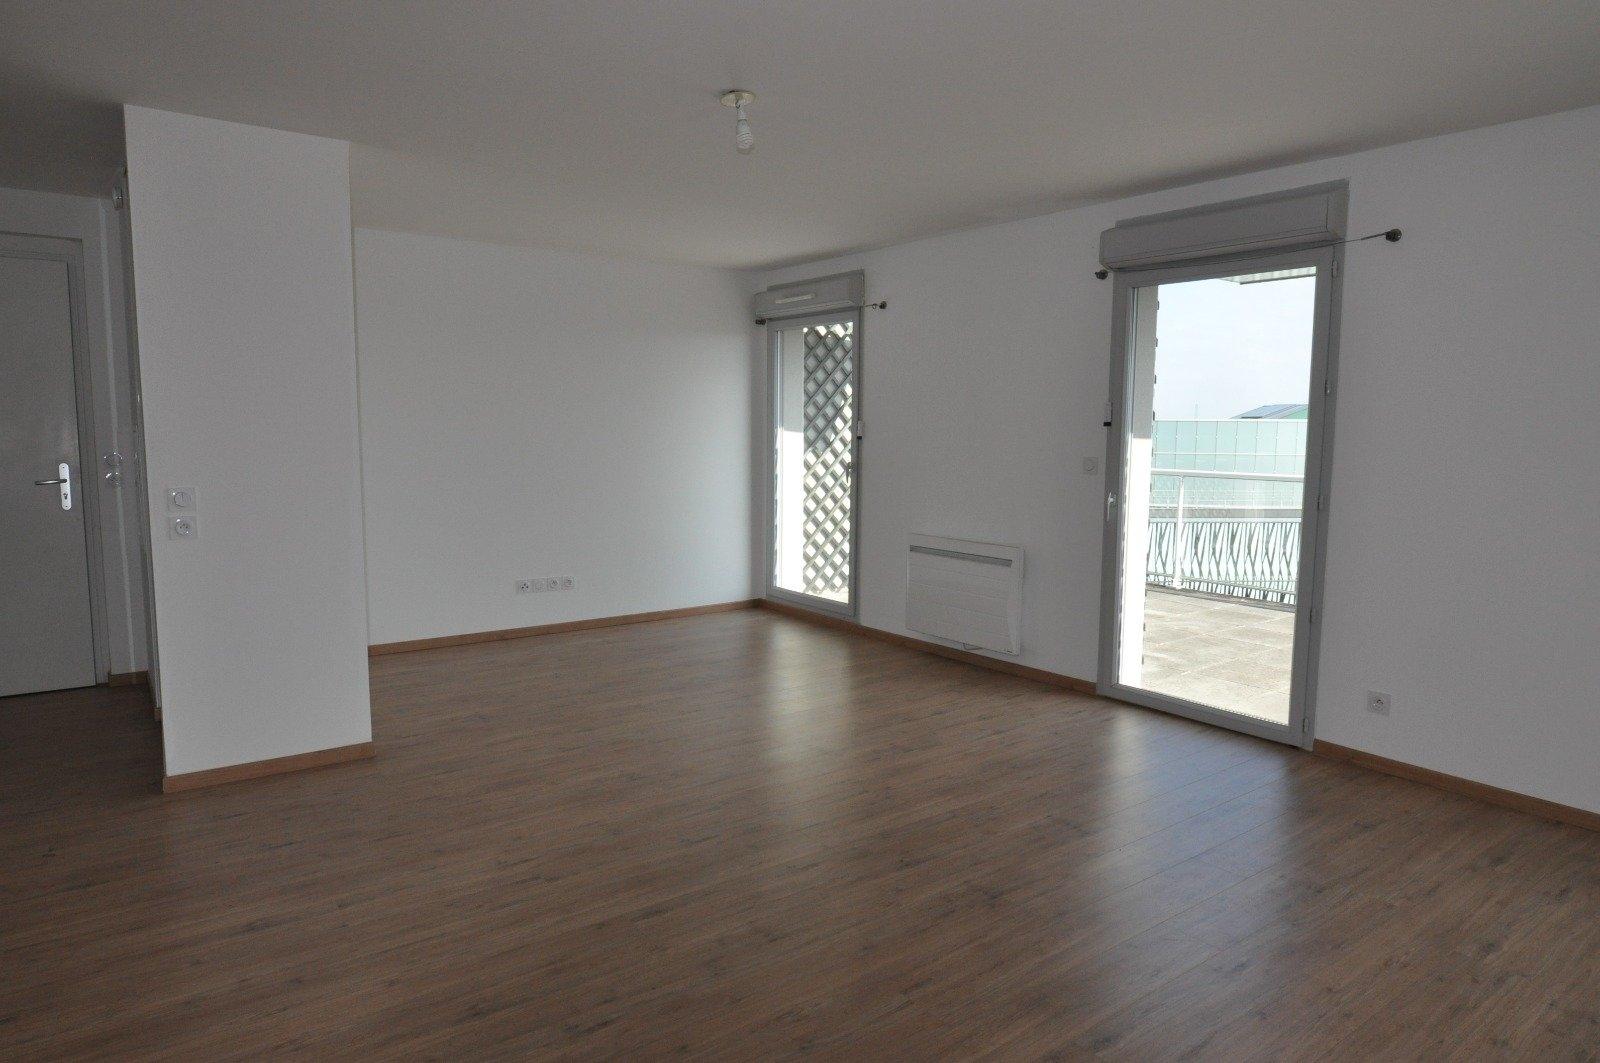 Appartement Reims 4 Pièces 89.74 m2 - 3